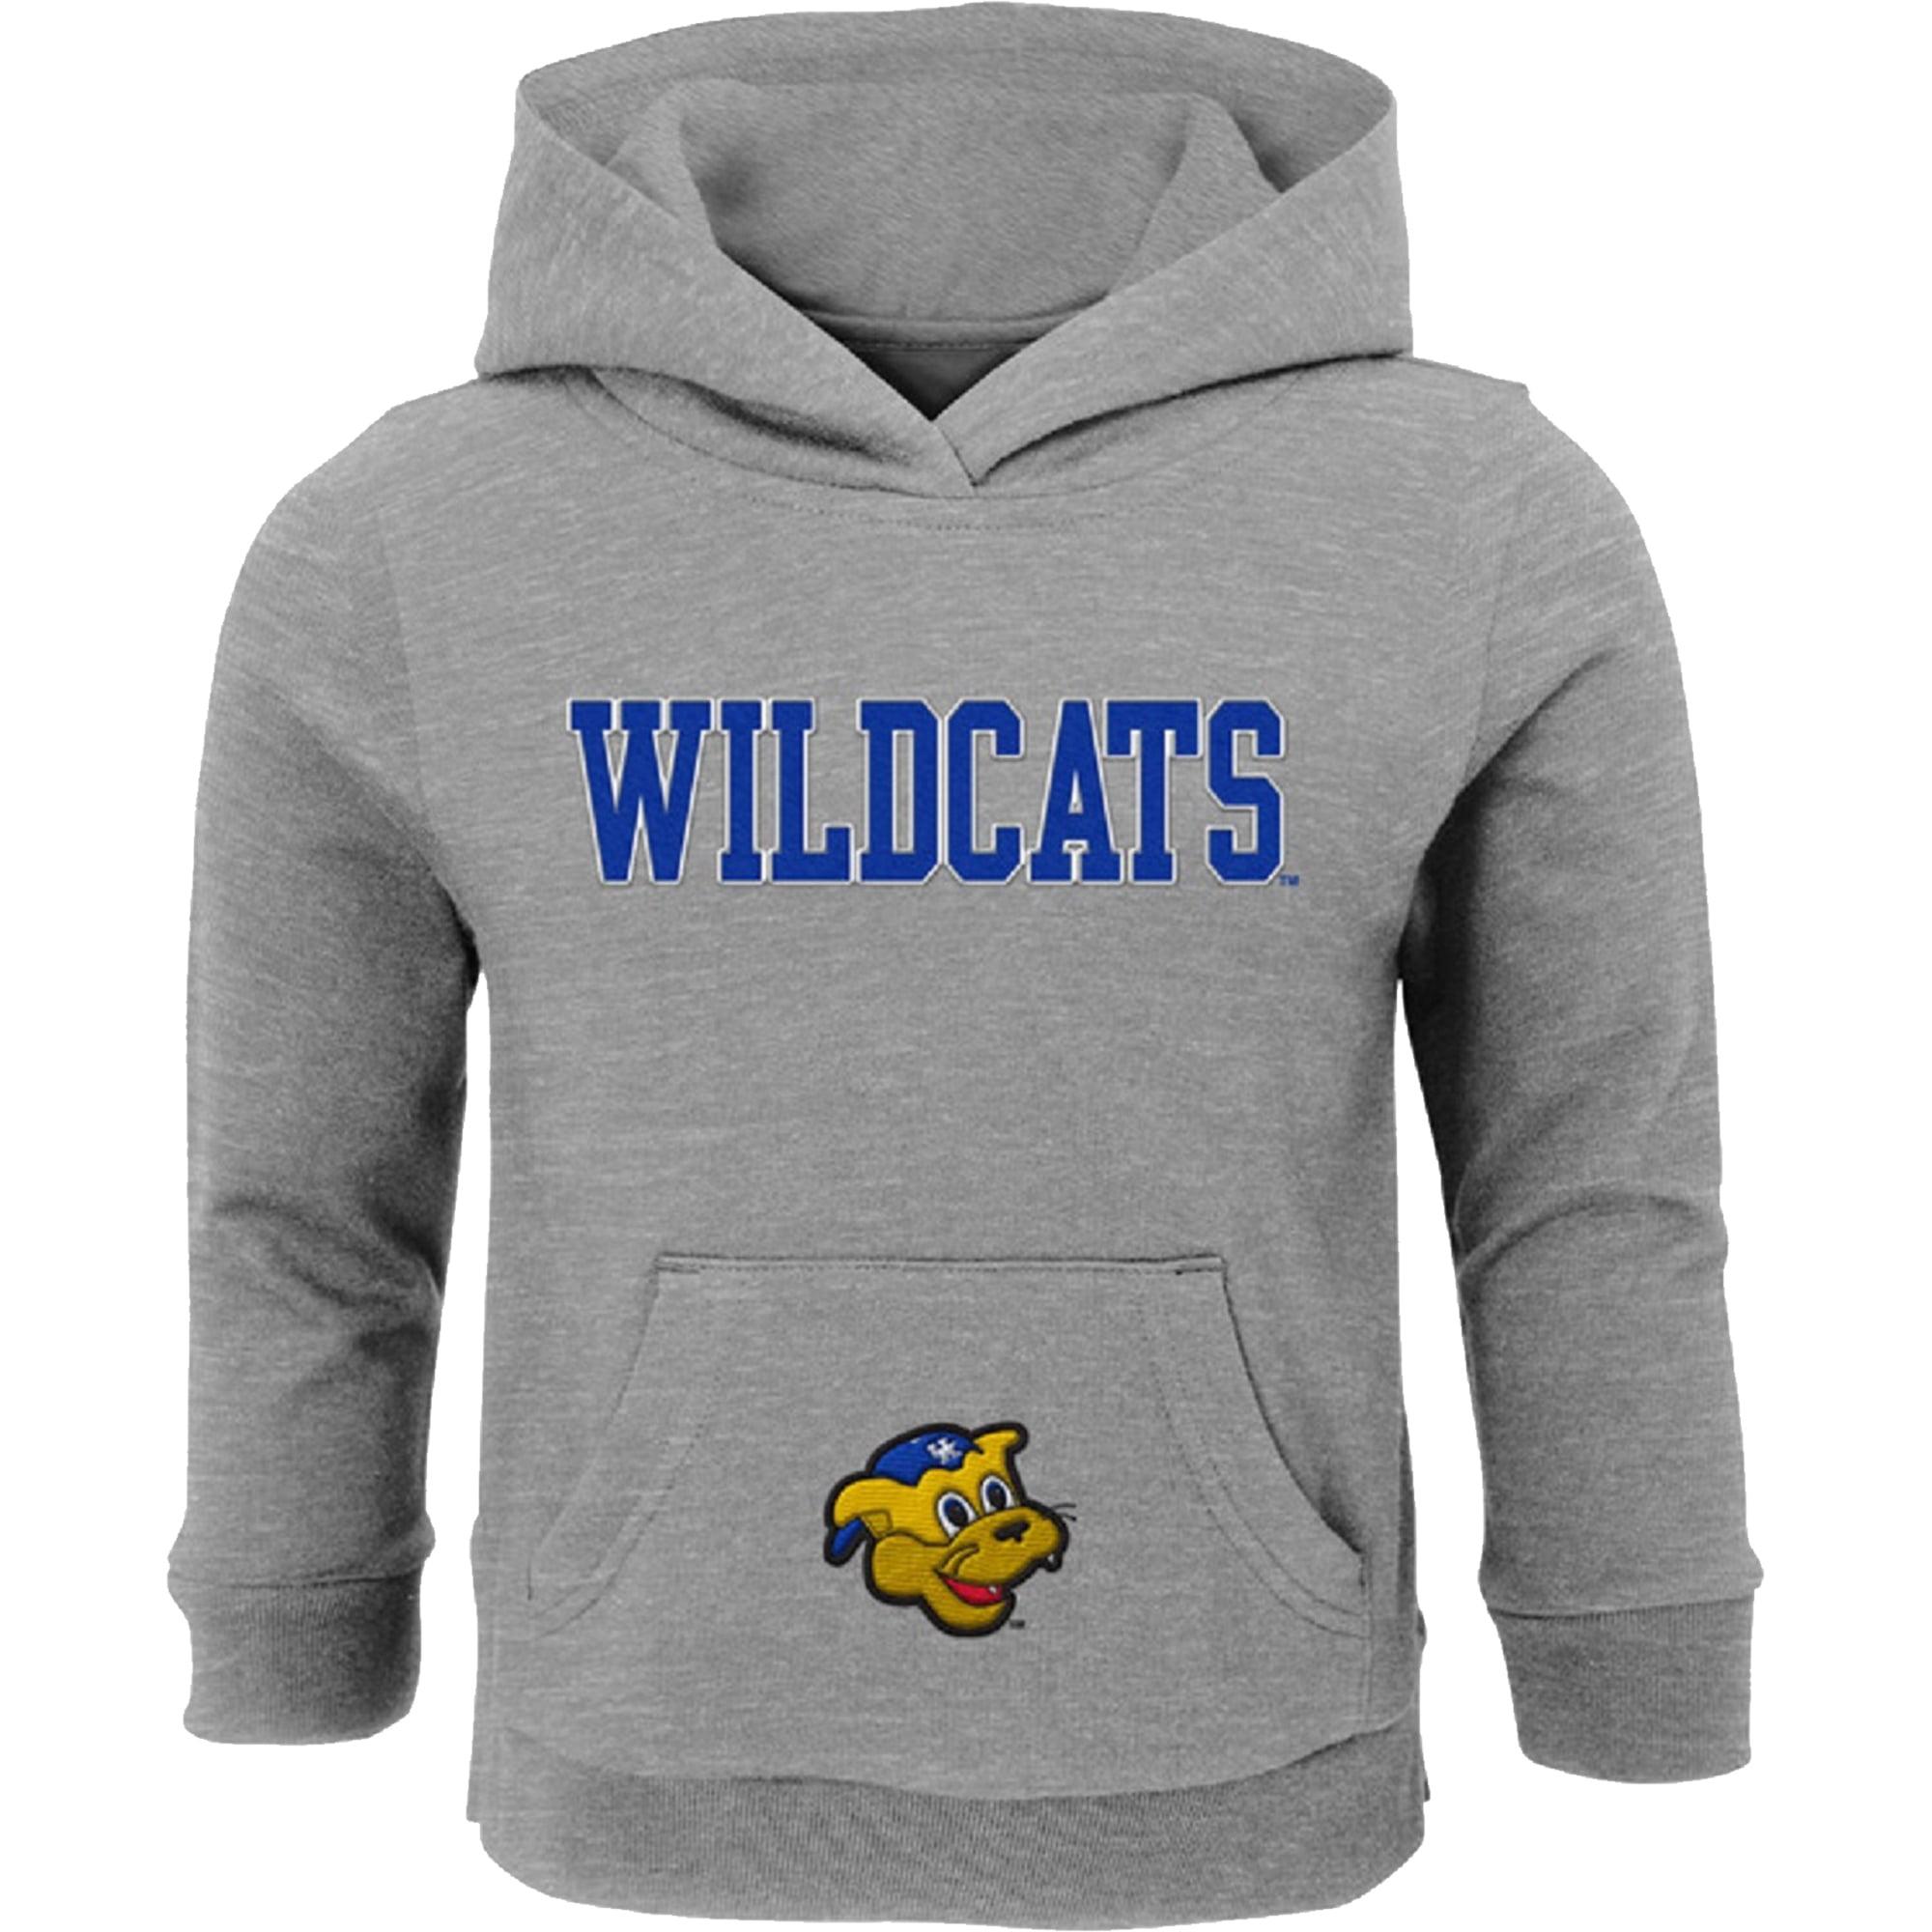 Preschool & Toddler Gray Kentucky Wildcats Team Logo Fleece Hoodie